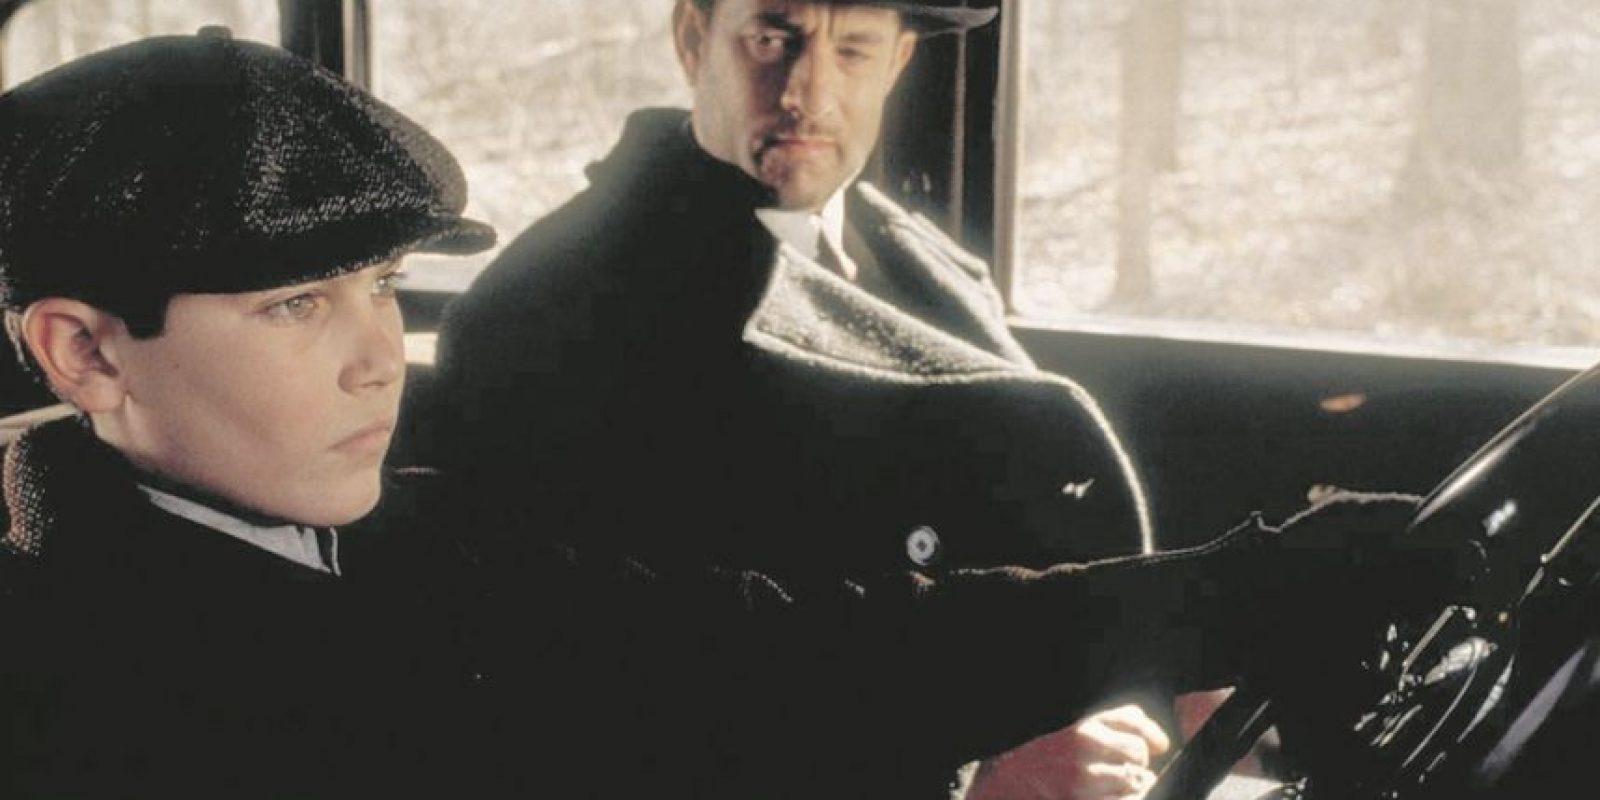 """7- Michael Sullivan – Camino a la perdición. De Sleepless In Seattle a The Polar Express, Tom Hanks es la figura paterna ideal. En esta cinta de gánsteres durante la época de la depresión, Michael Sullivan (Hanks), quien trabaja para la mafia, hace cualquier cosa para proteger a su hijo Michael de sus empleadores –incluso matar a su propia figura paterna–. """"Me da gusto que seas tú"""", dice el viejo en una escena conmovedora. En una misión de venganza, Sullivan introduce al chico al mundo del crimen, pero espera que elija un camino distinto, y eventualmente lo hace. Foto:Fuente externa"""